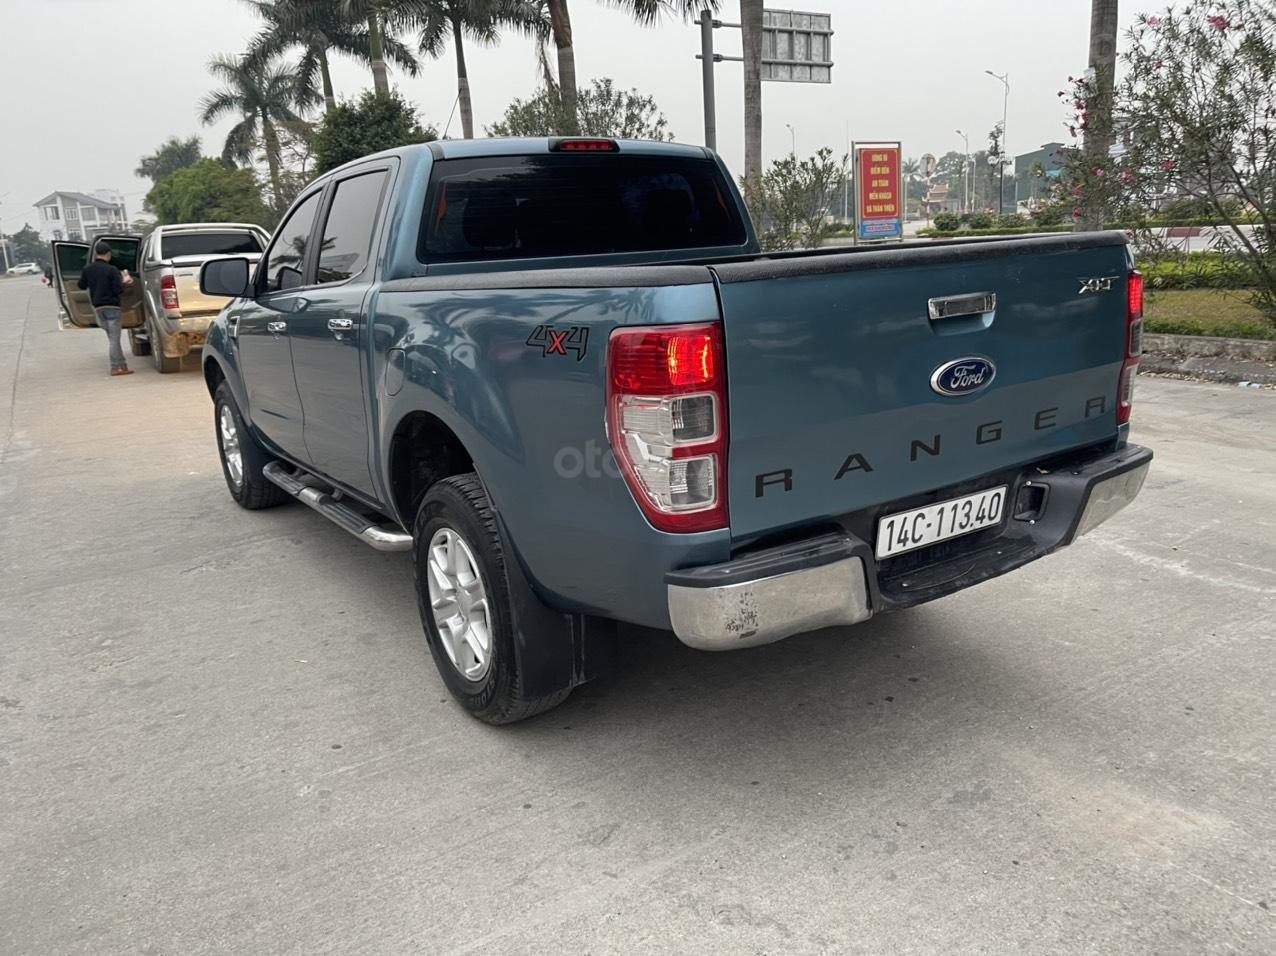 Ford Ranger XLT số sàn 2 cầu sx 2014, giá 456tr (7)